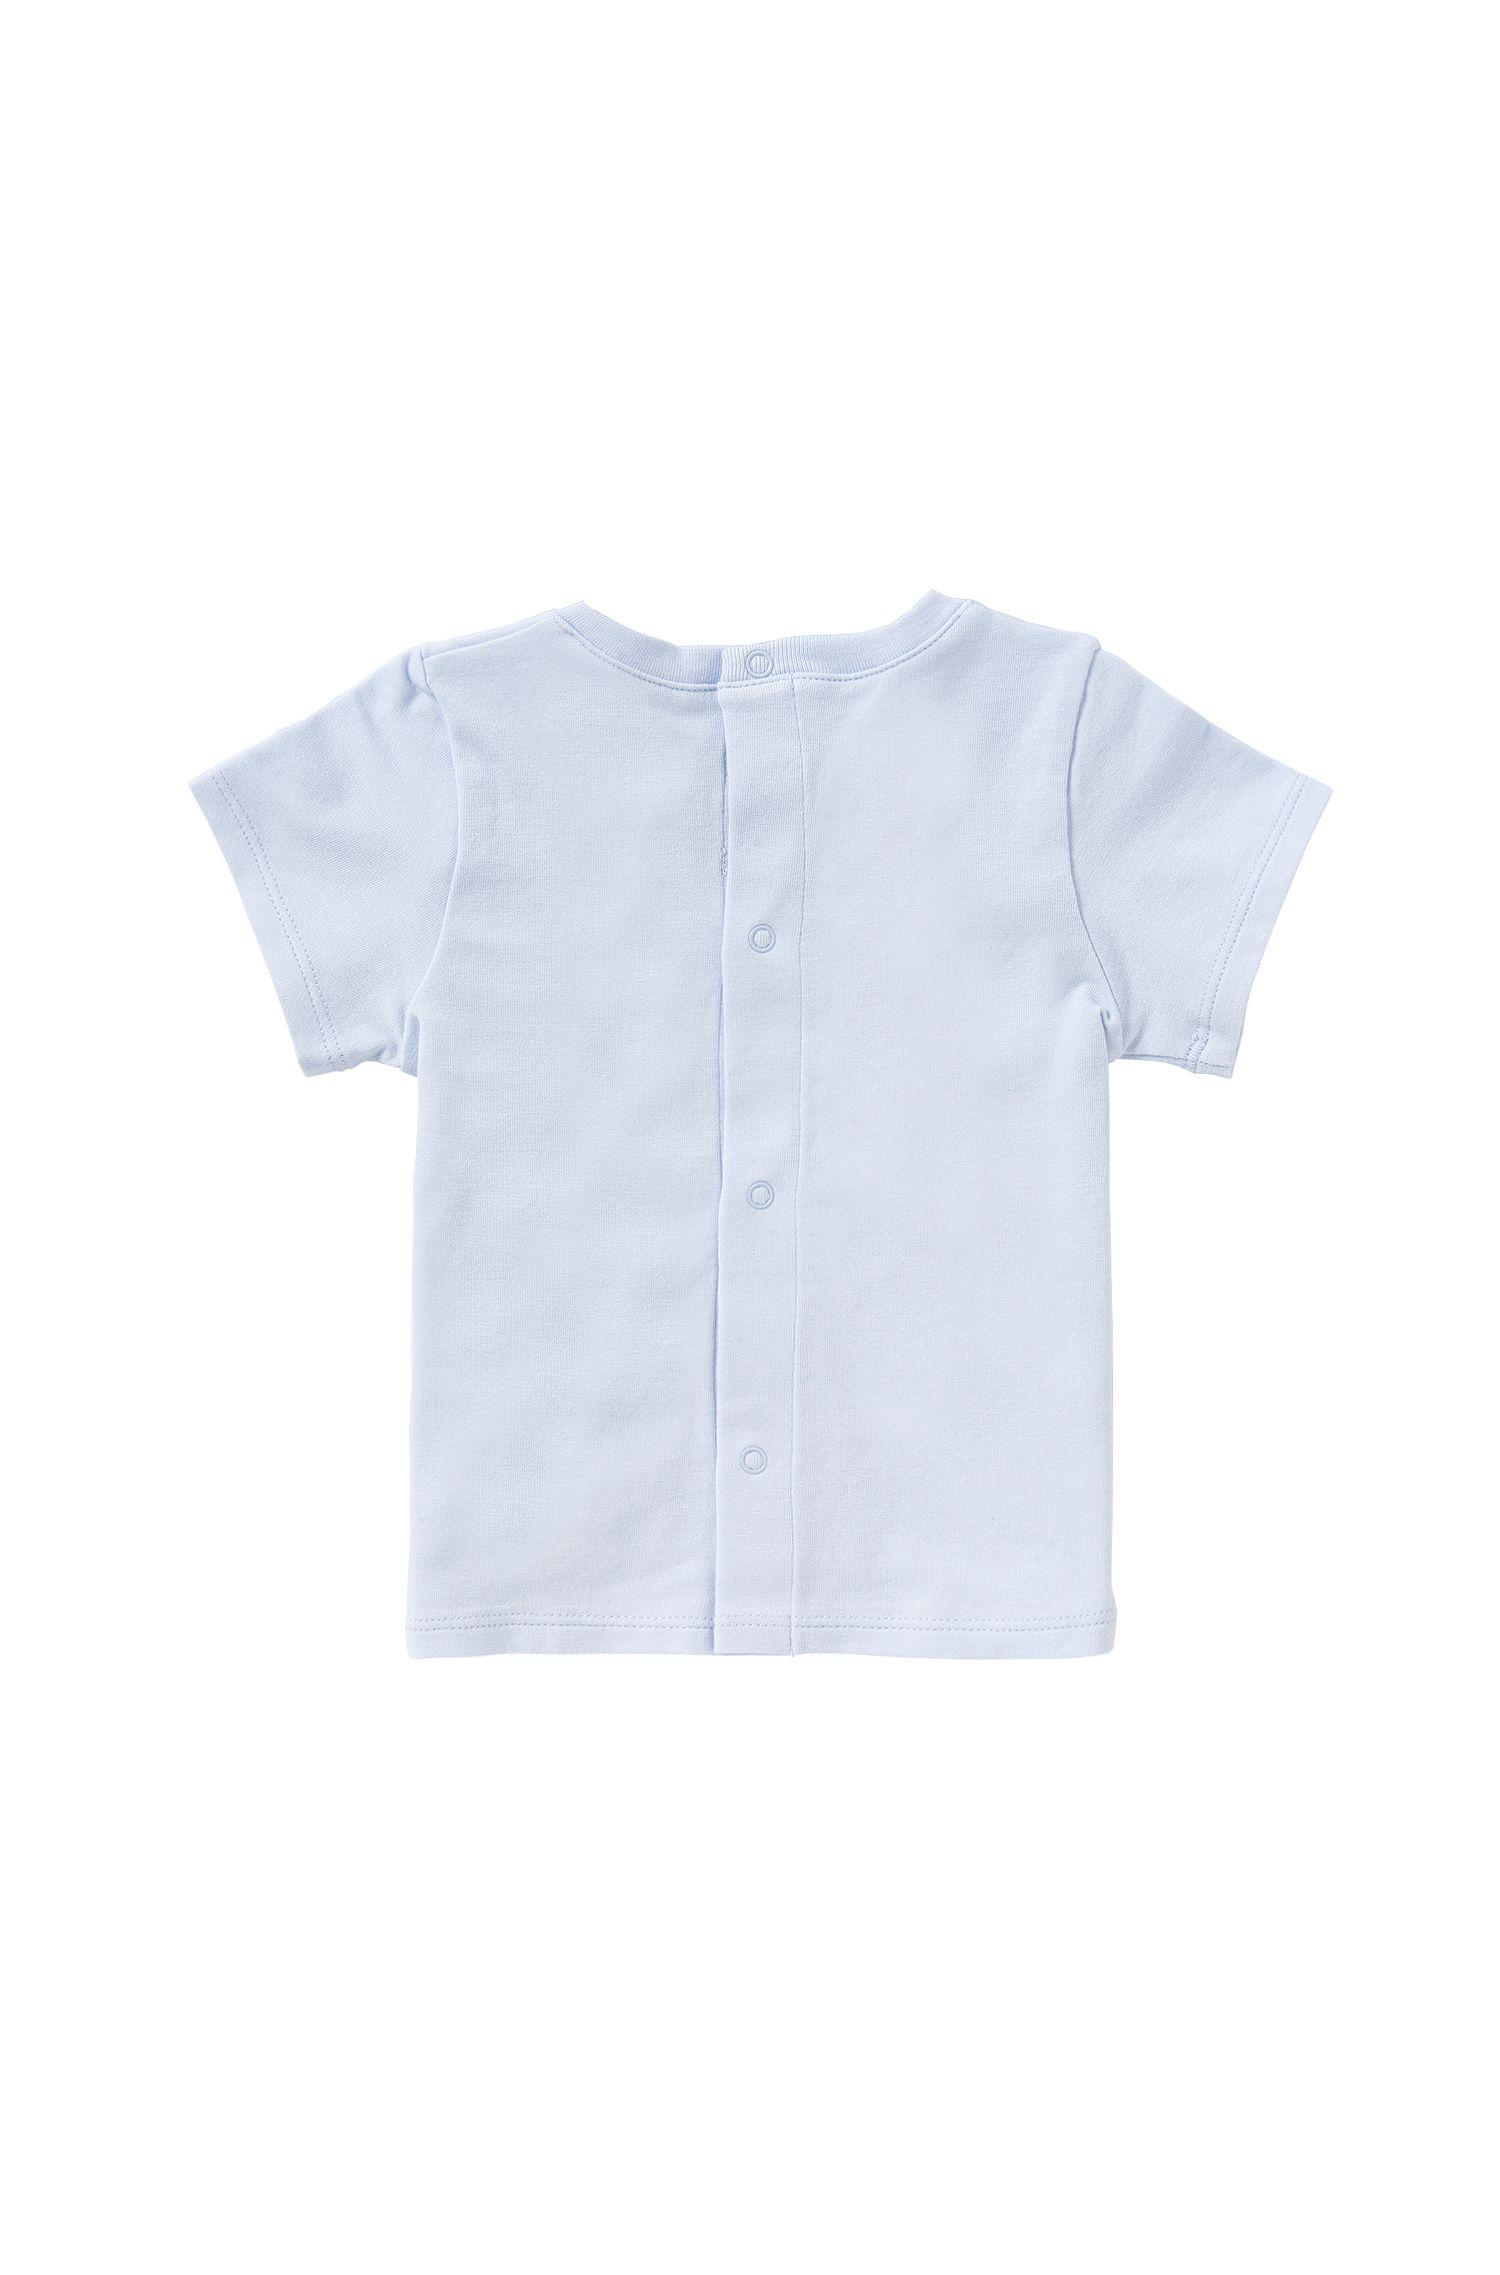 T-shirt per neonati in cotone con allacciatura a bottoni automatici dietro: 'J95190'